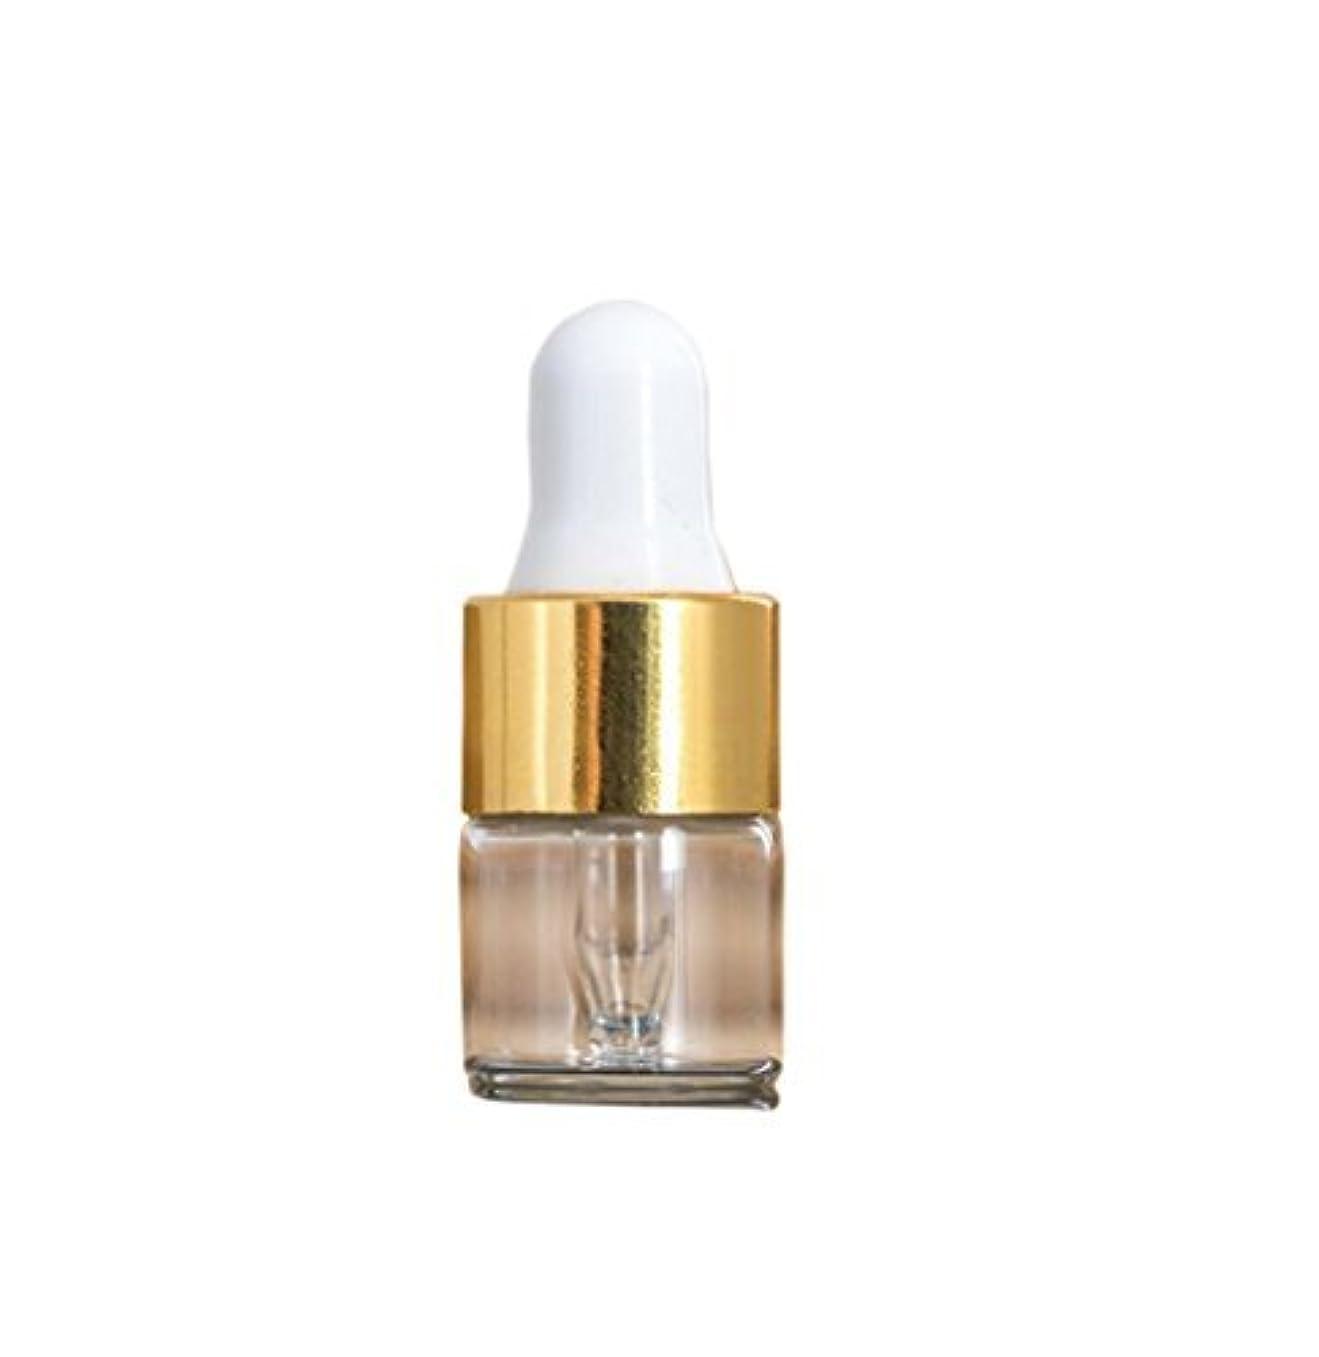 レキシコン雑多な重大Clear Glass Mini 1ml 15 Pcs Refillable Essential Oil Dropper Bottles Containers Cosmetic Sample Bottles Aromatherapy...